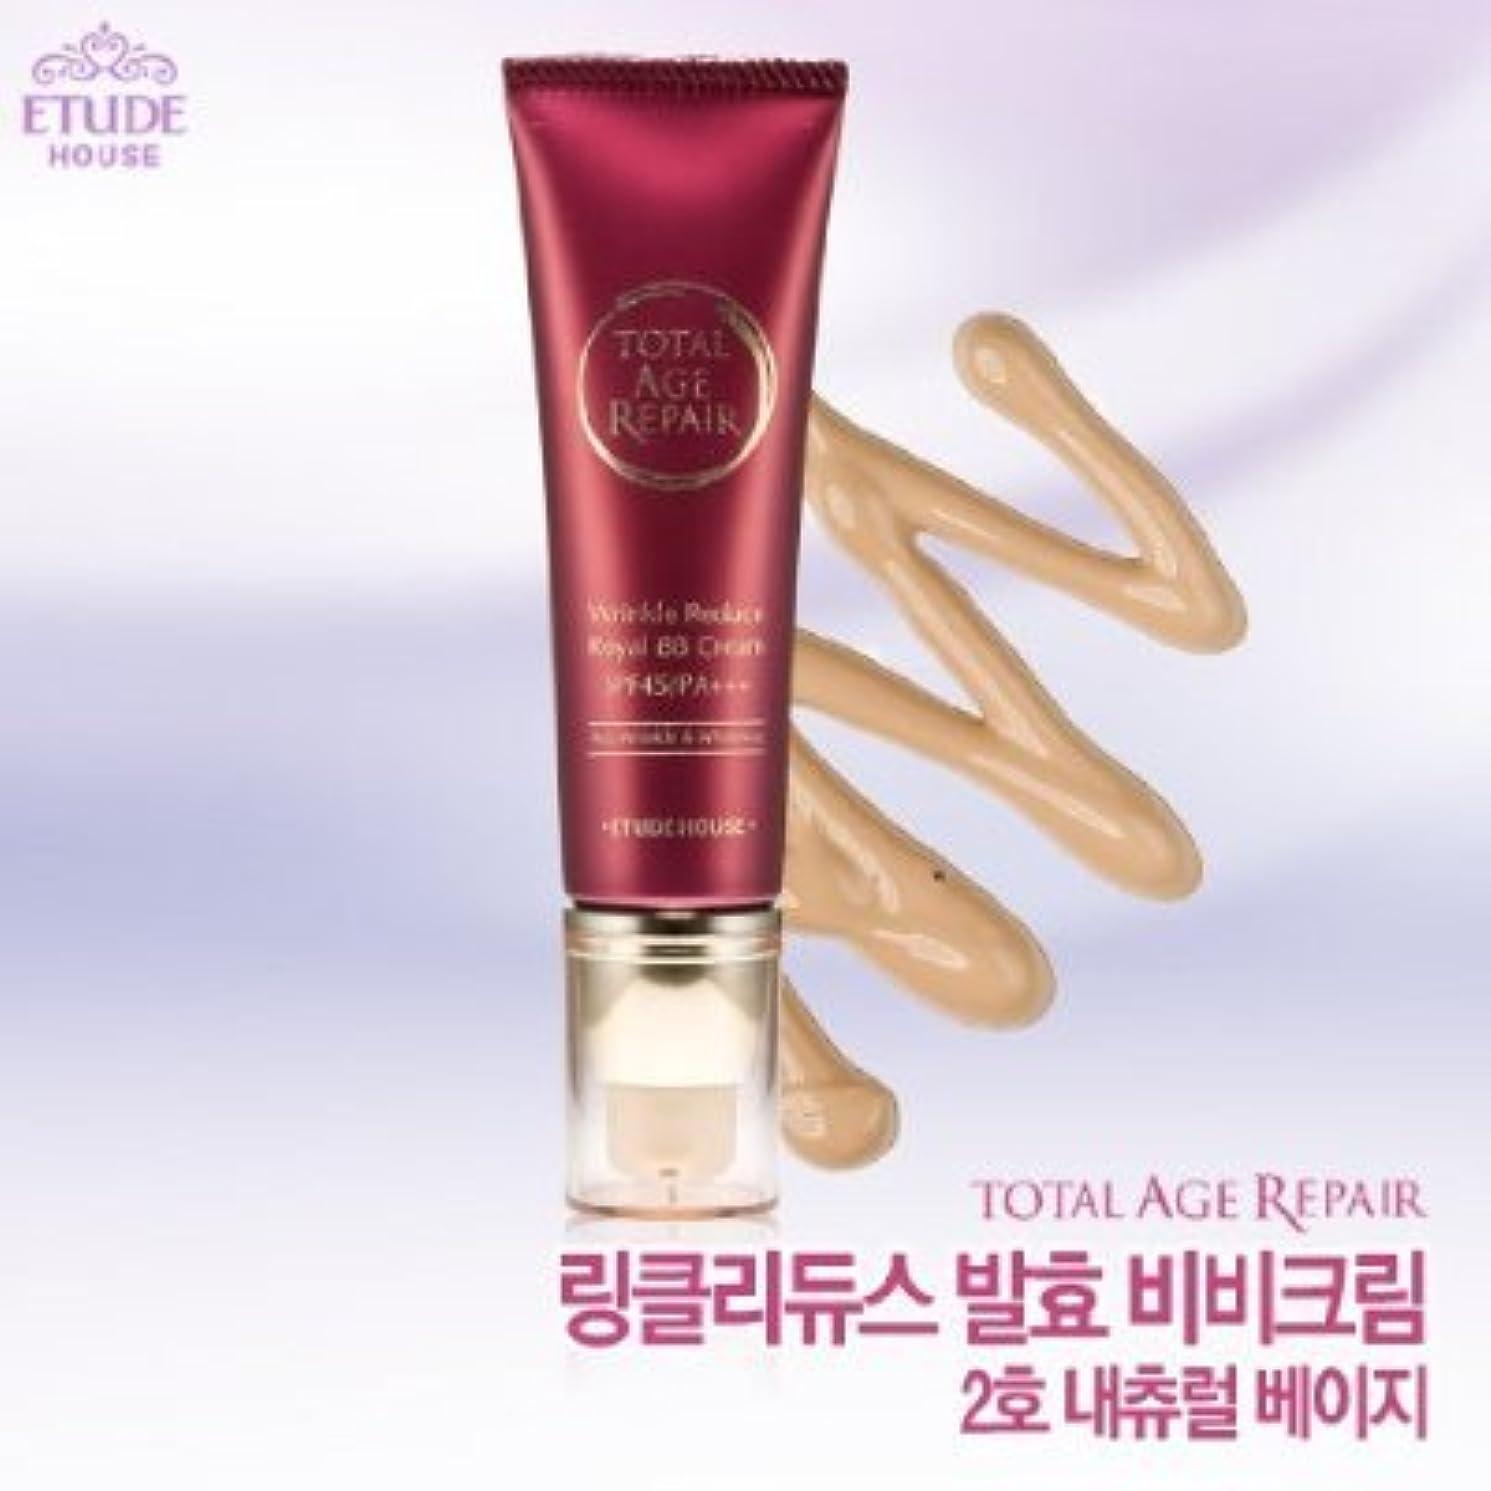 インスタントアルバムうまEtude House Total Age Repair Wrinkle Reduce Royal BB Cream (SPF45/PA++) #2 Natural Beige